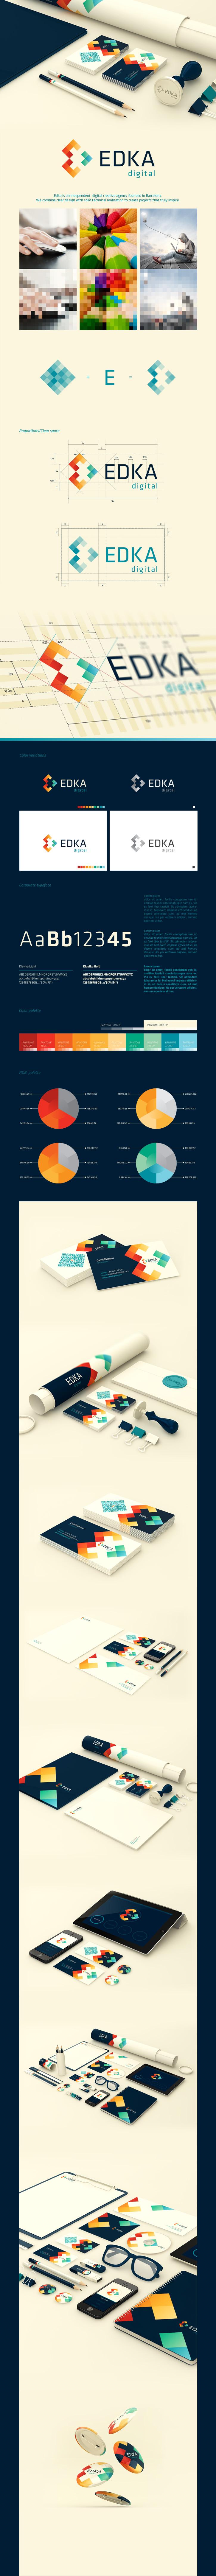 整套品牌Logo设计和Vi设计作品欣赏